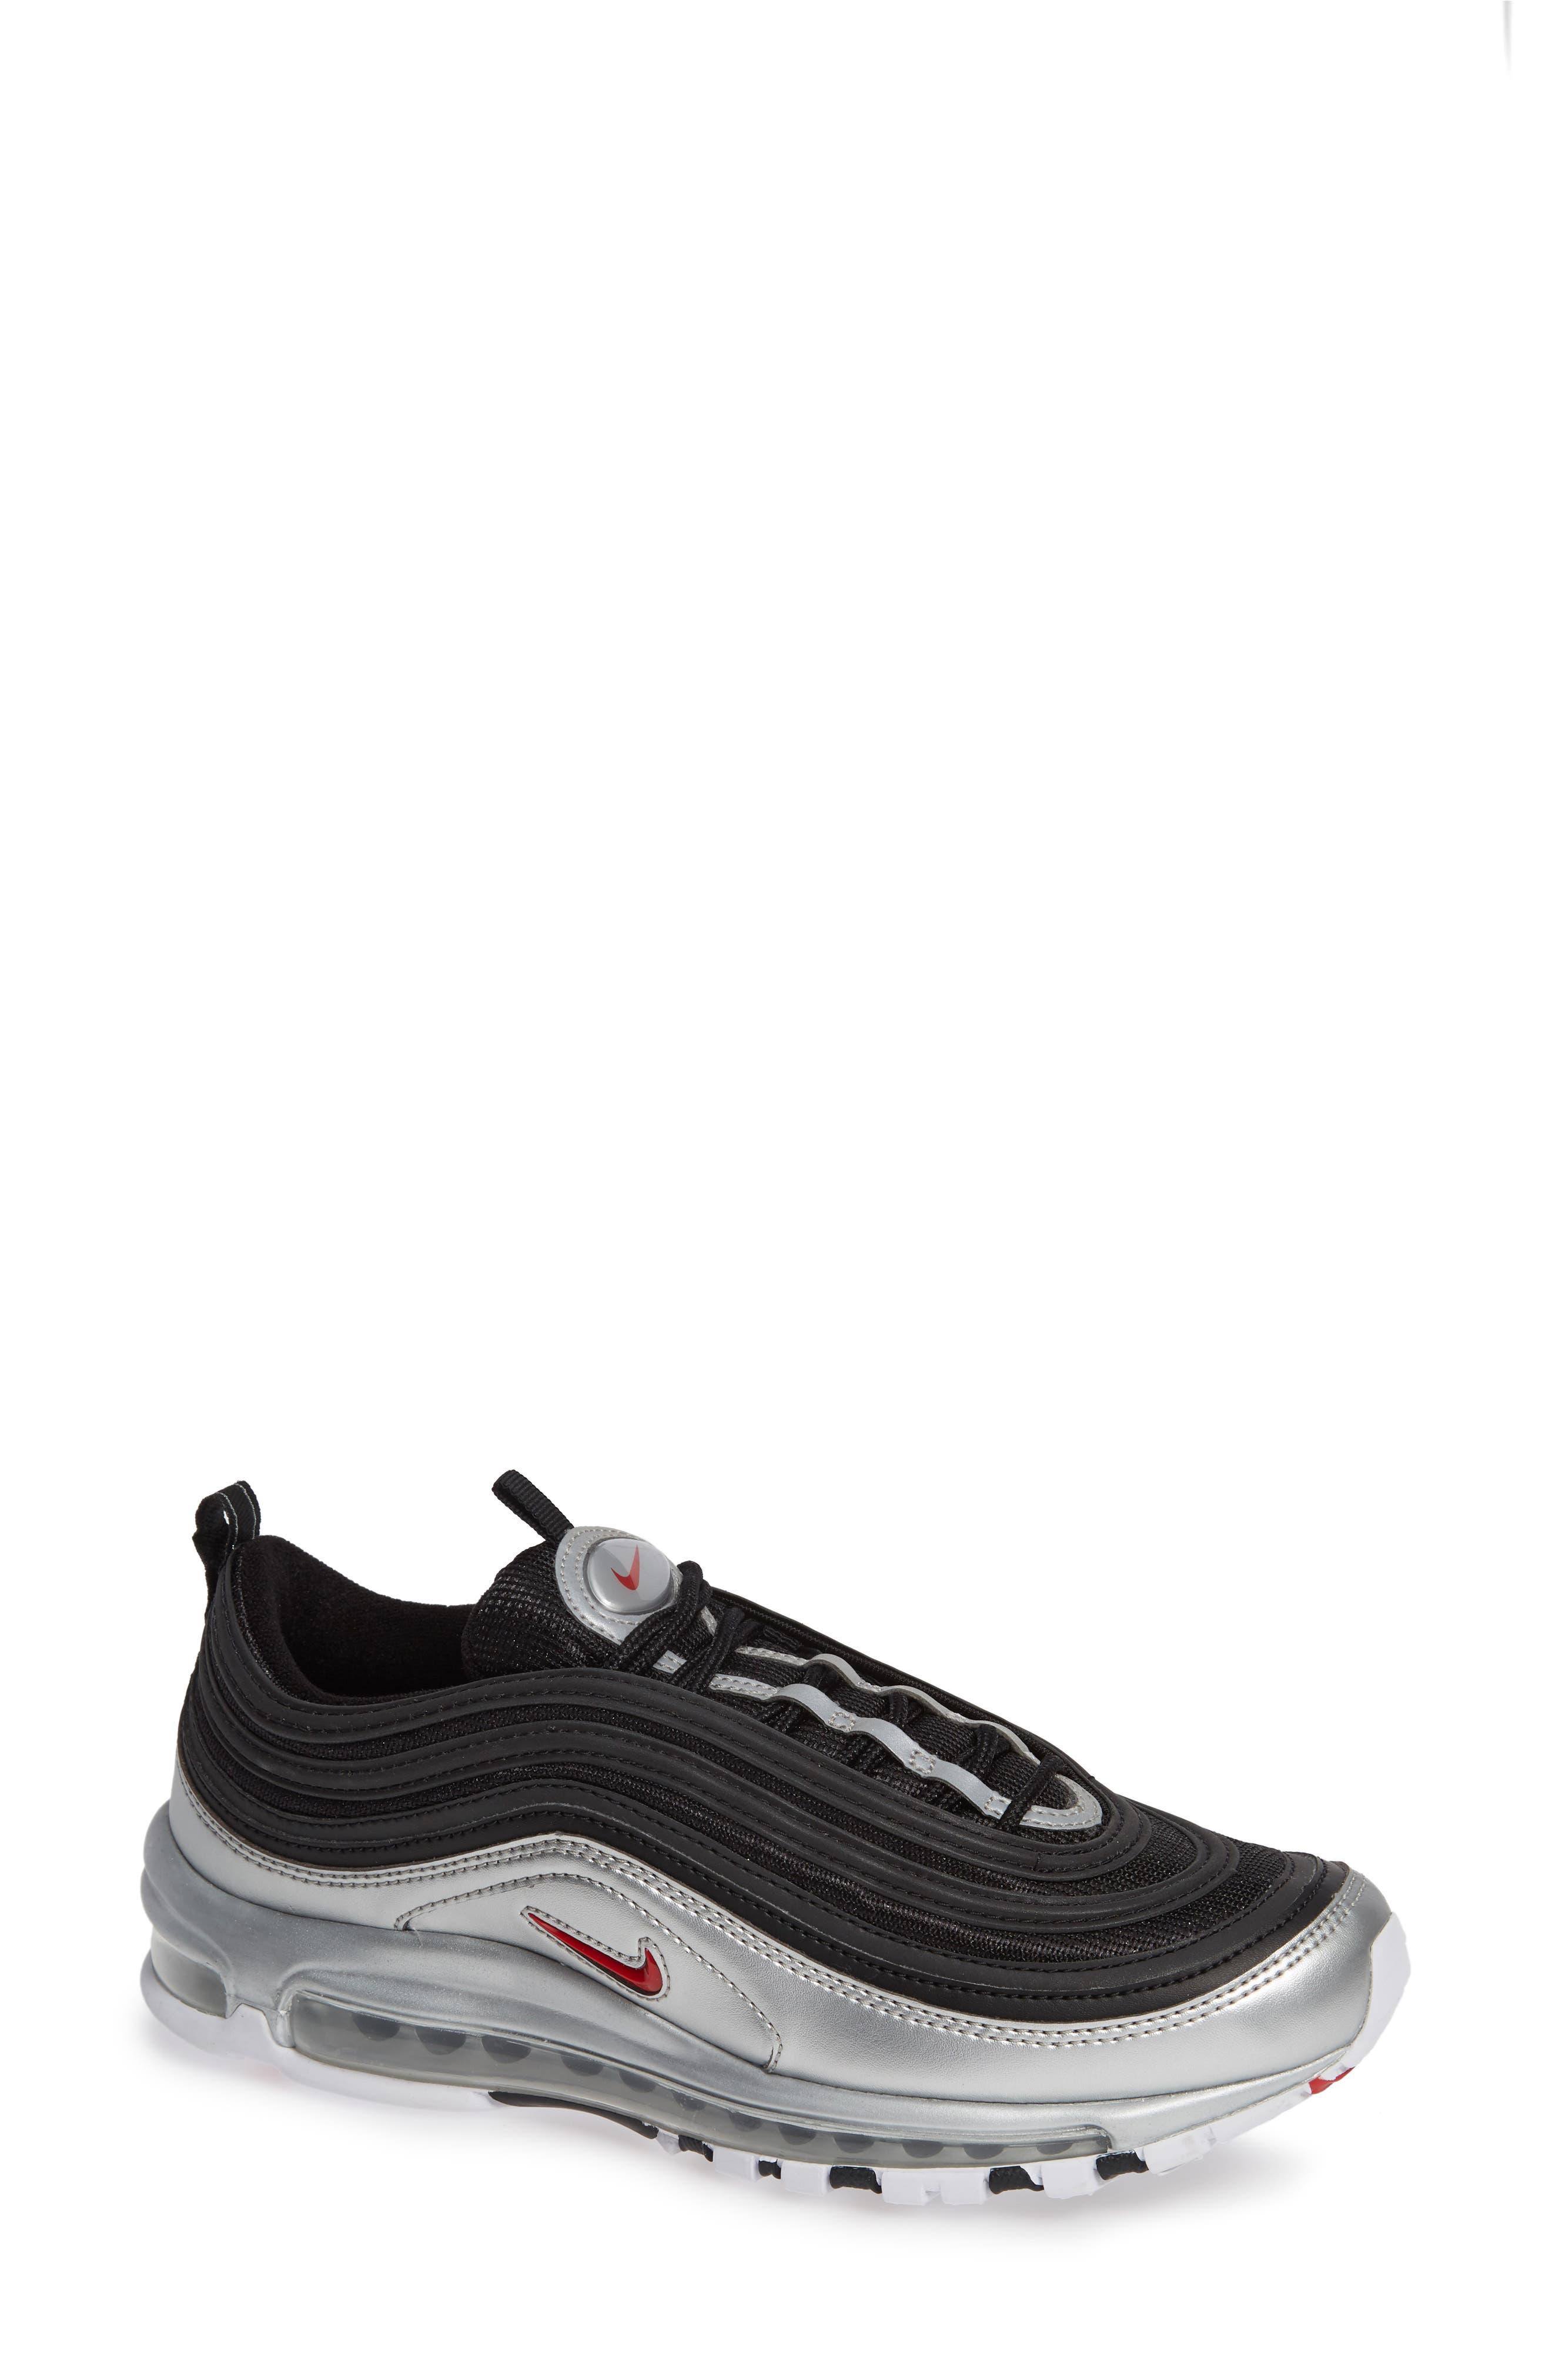 Air Max 97 QS Sneaker,                             Main thumbnail 1, color,                             BLACK/ VARSITY RED/ SILVER